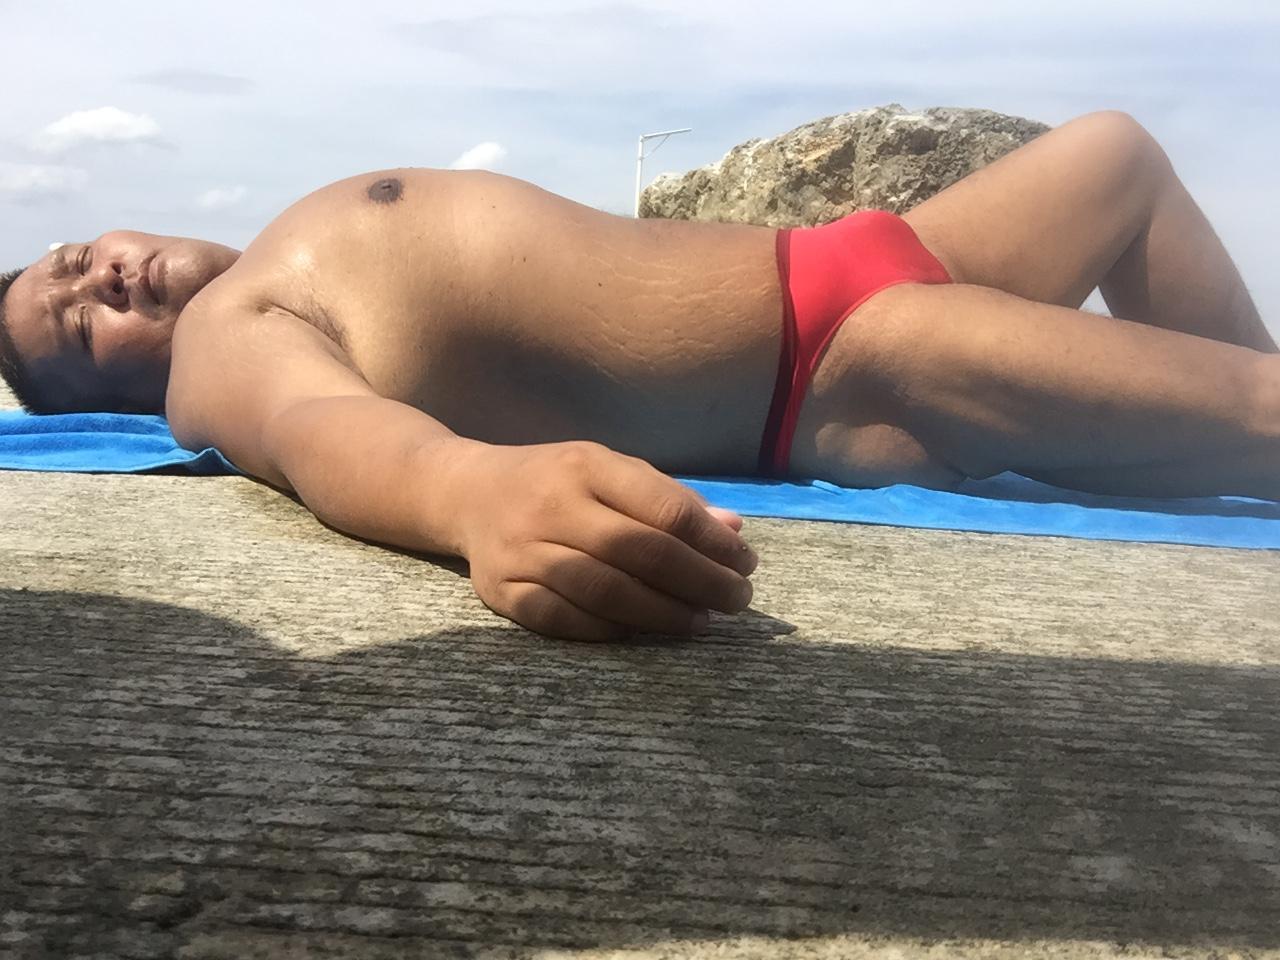 Bikini sun bather (176/218)